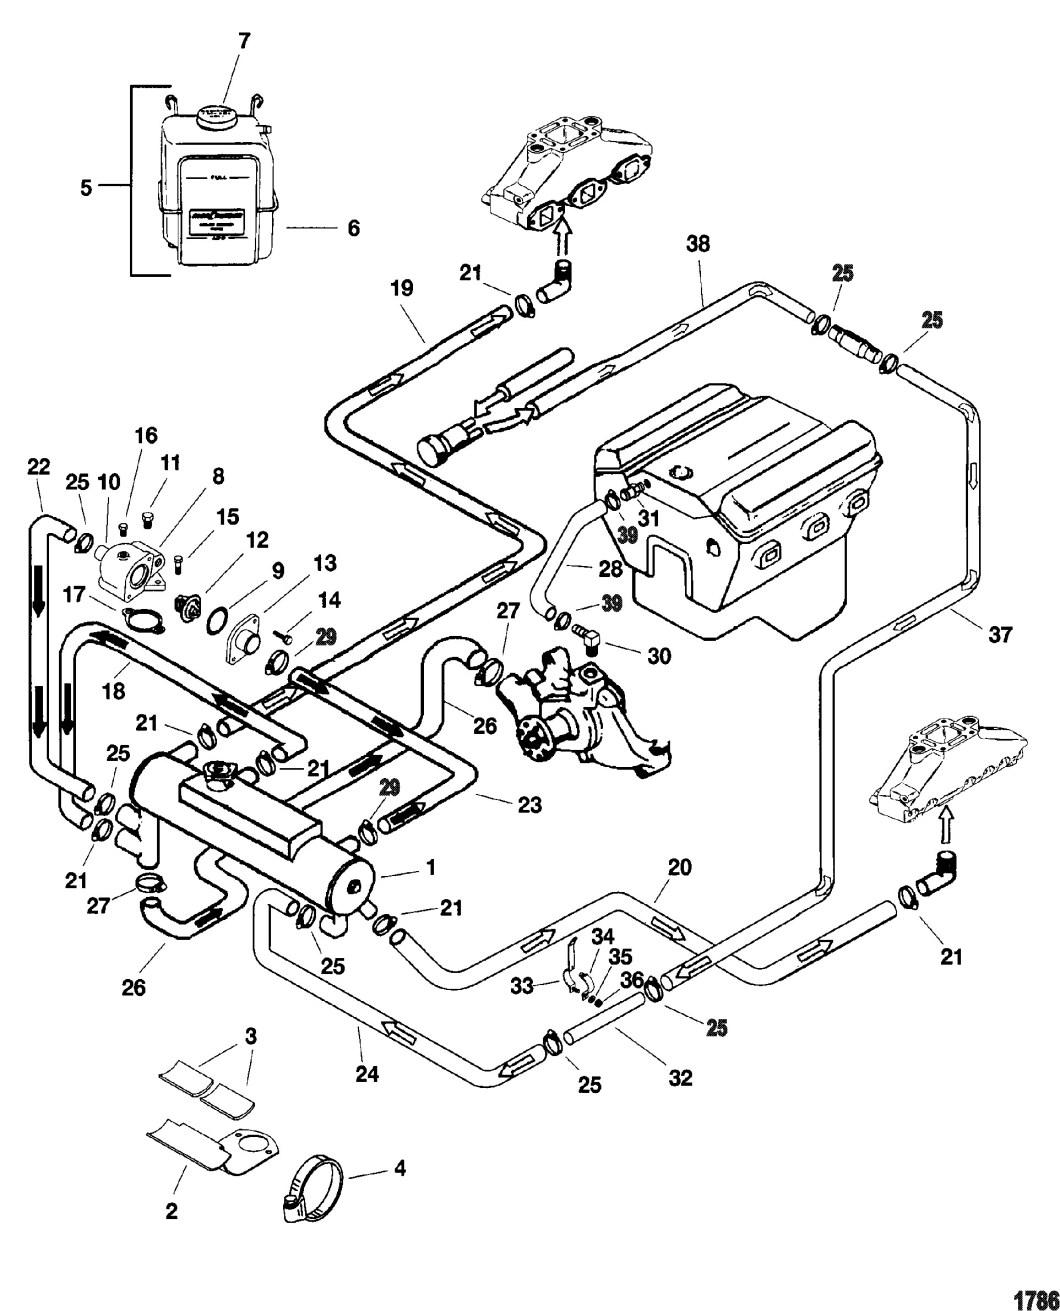 2008 dodge ram 2500 parts diagram